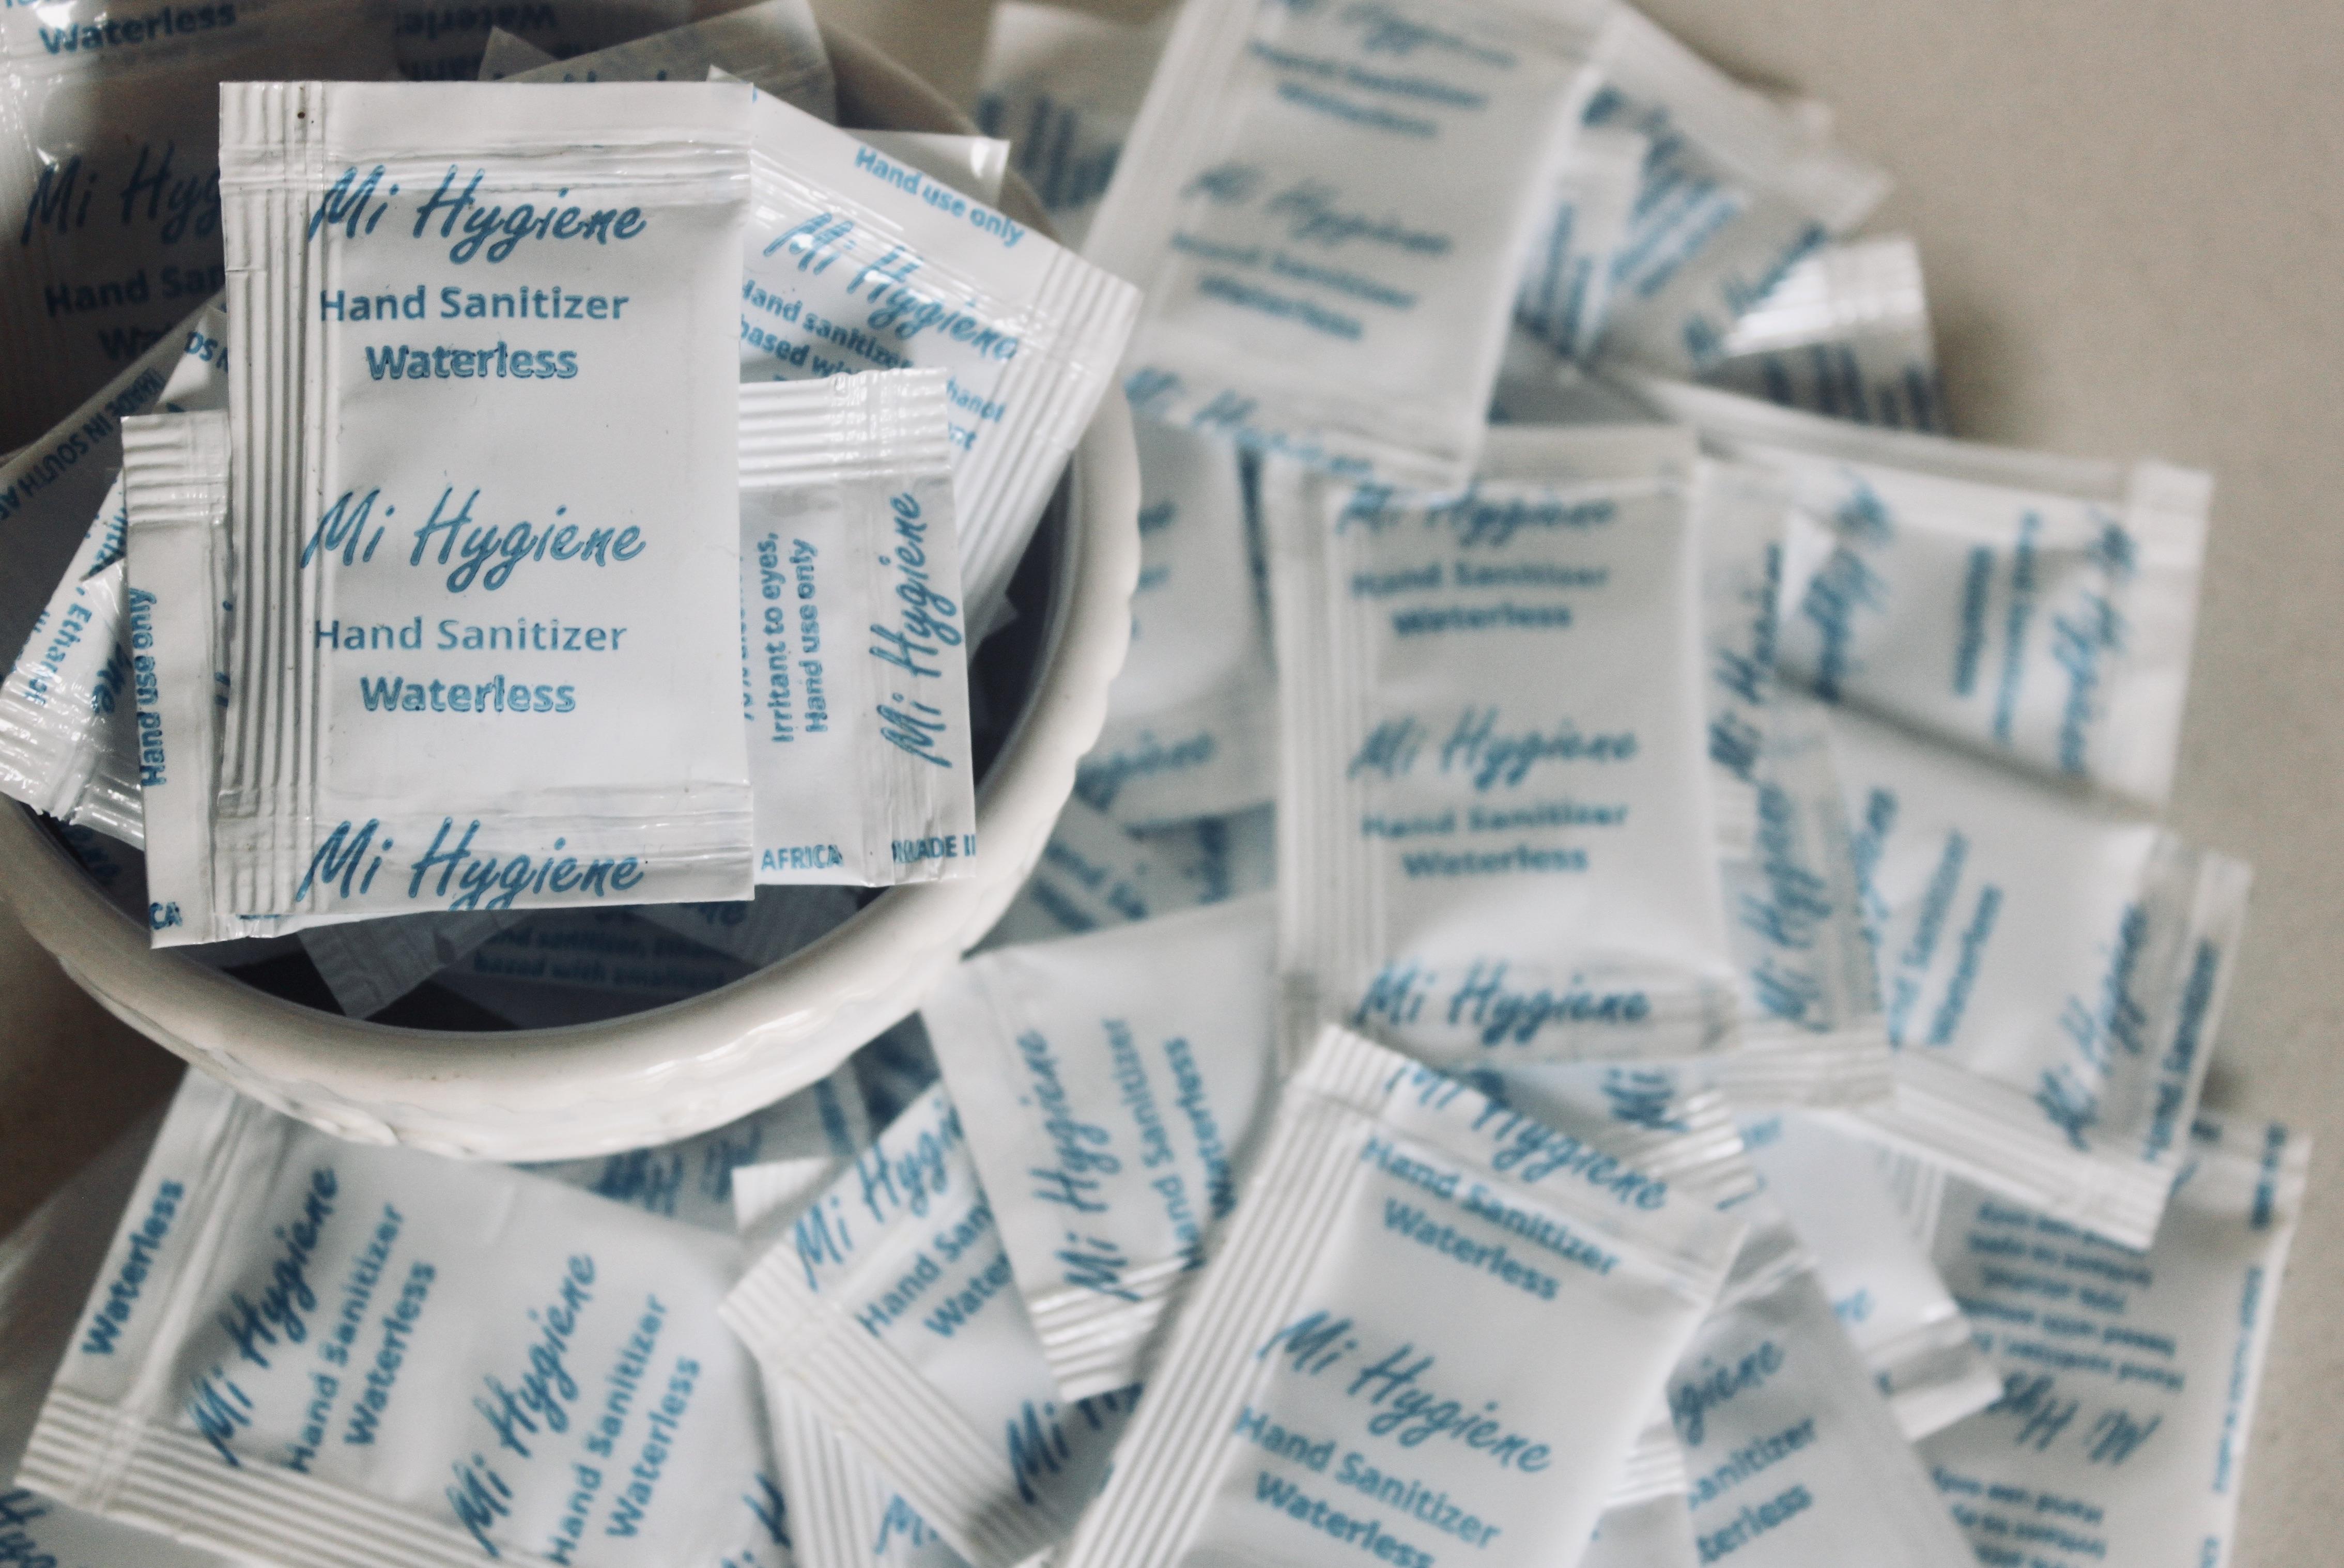 Mi Hygiene: Hand Sanitizer